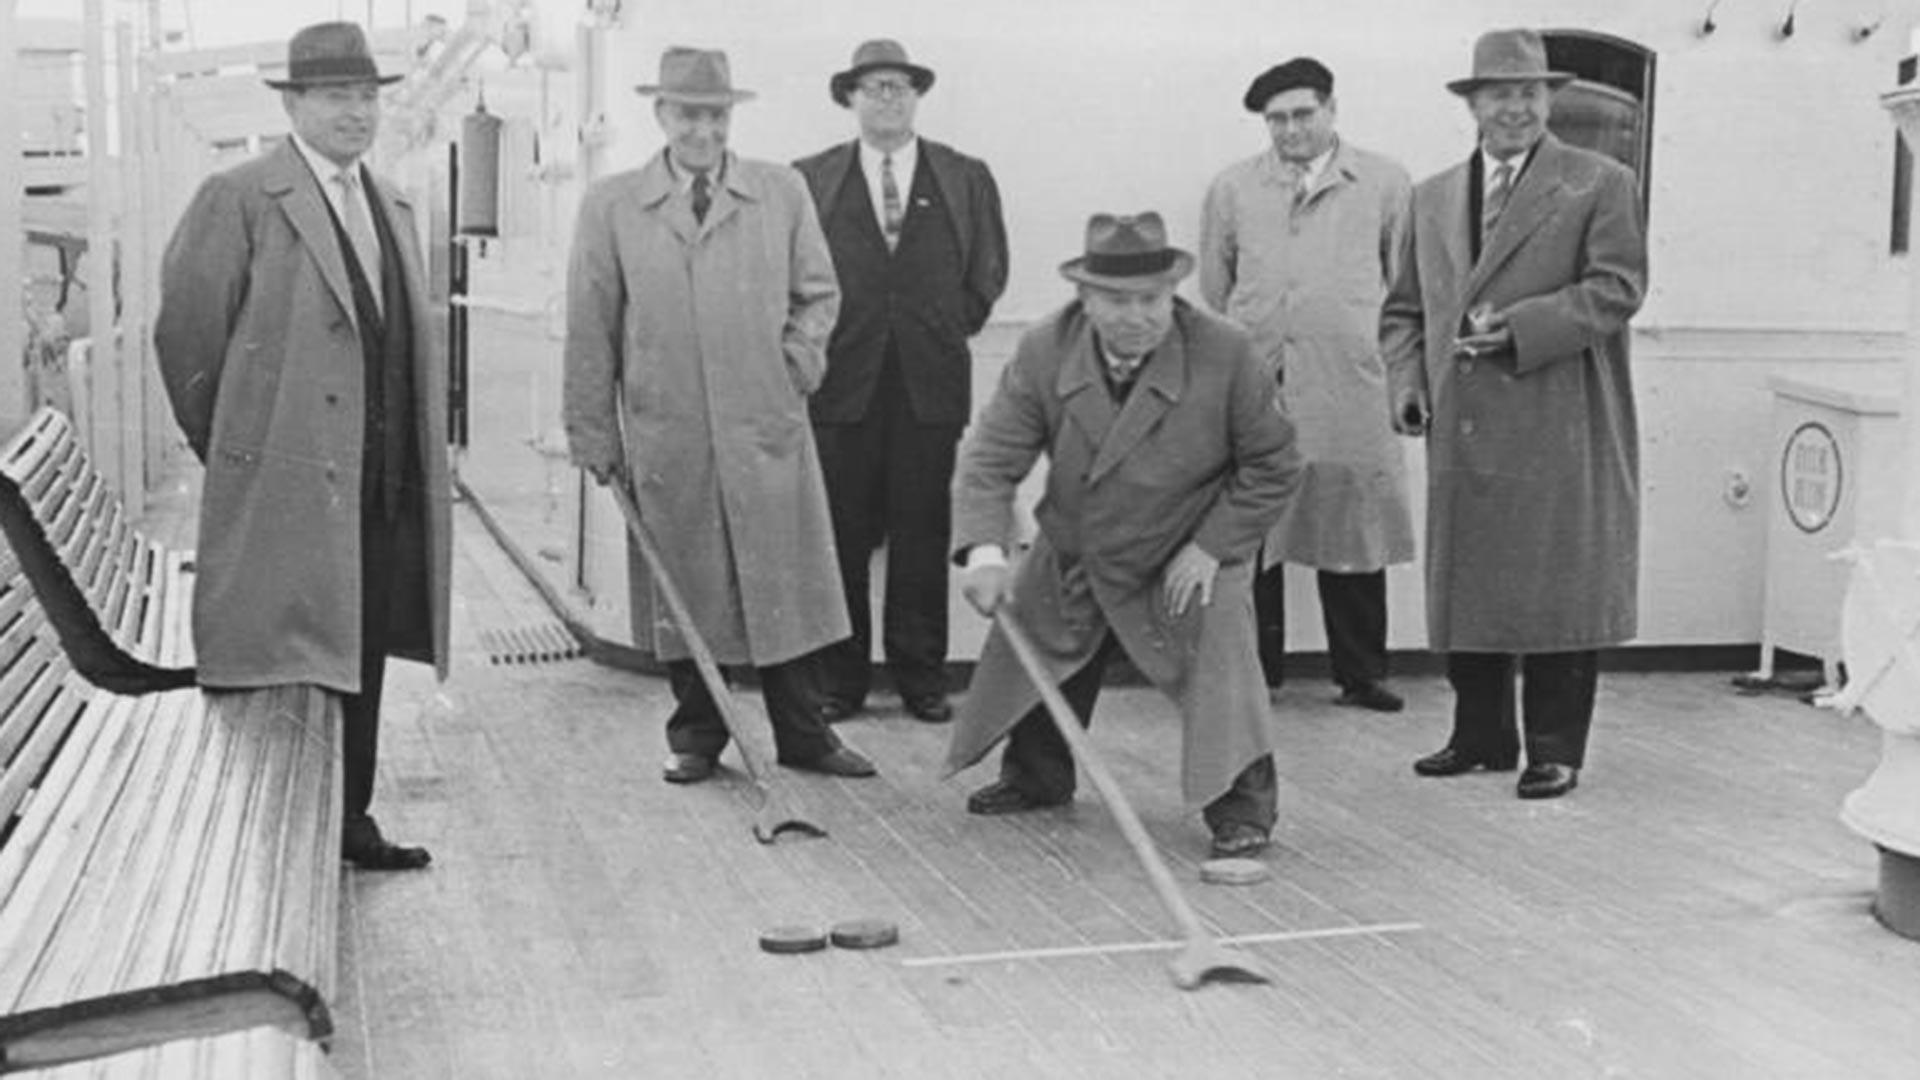 """Никита Хрушчов и Јанош Кадар играју шафлборд на палуби брода """"Балтик""""."""